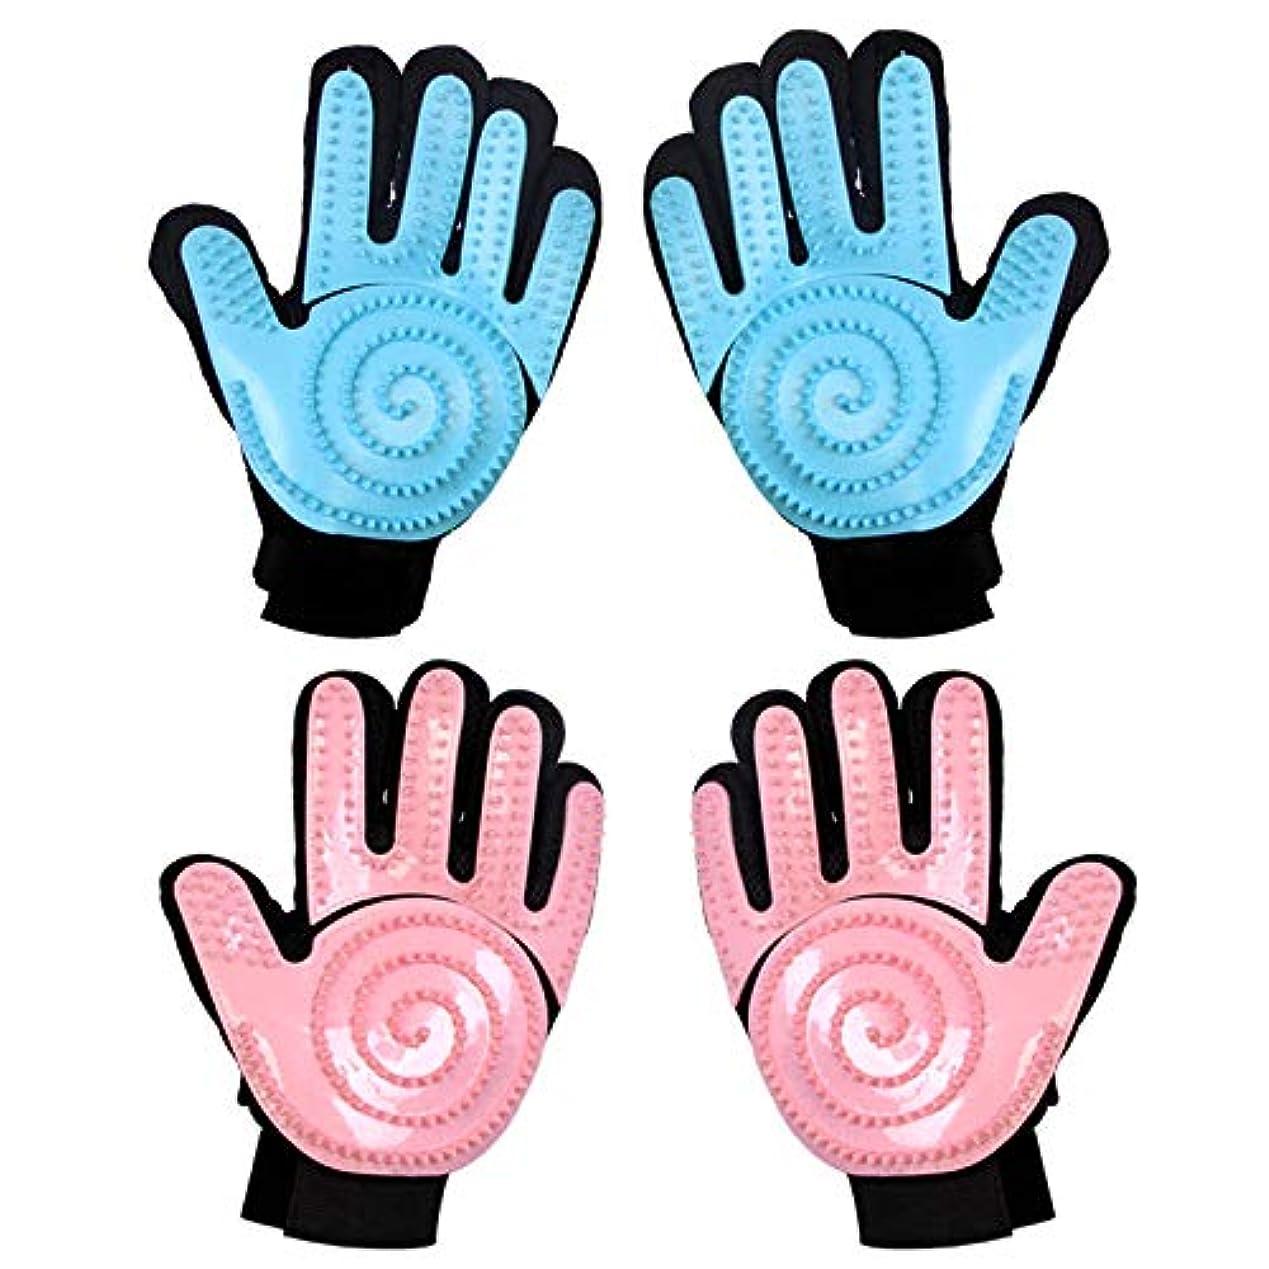 遺産放つセメントBTXXYJP 手袋 ペット ブラシ グローブ 猫 ブラシ クリーナー 抜け毛取り マッサージブラシ 犬 グローブ ペット毛取りブラシ お手入れ (Color : Pink, Style : Right hand)